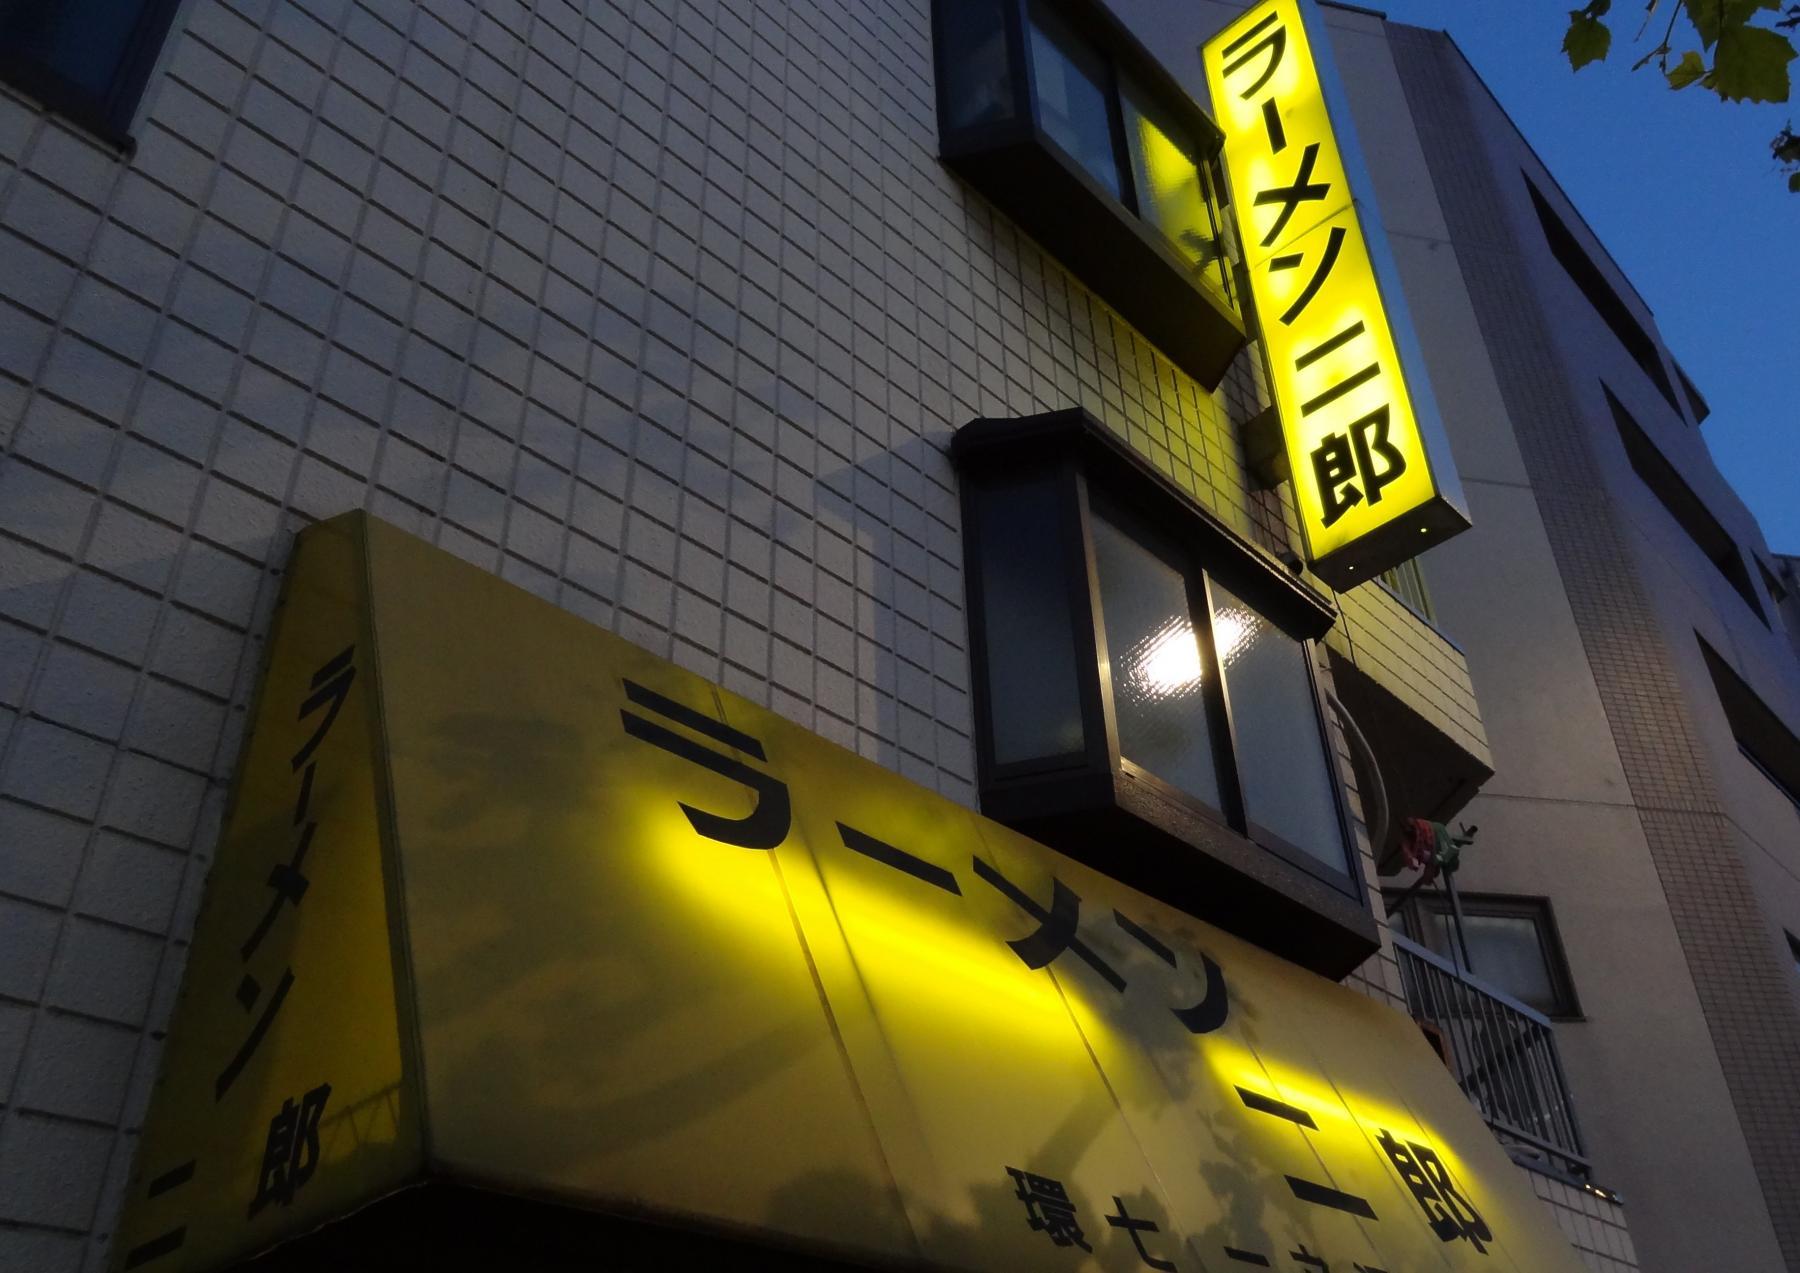 20120510003ichinoe.jpg